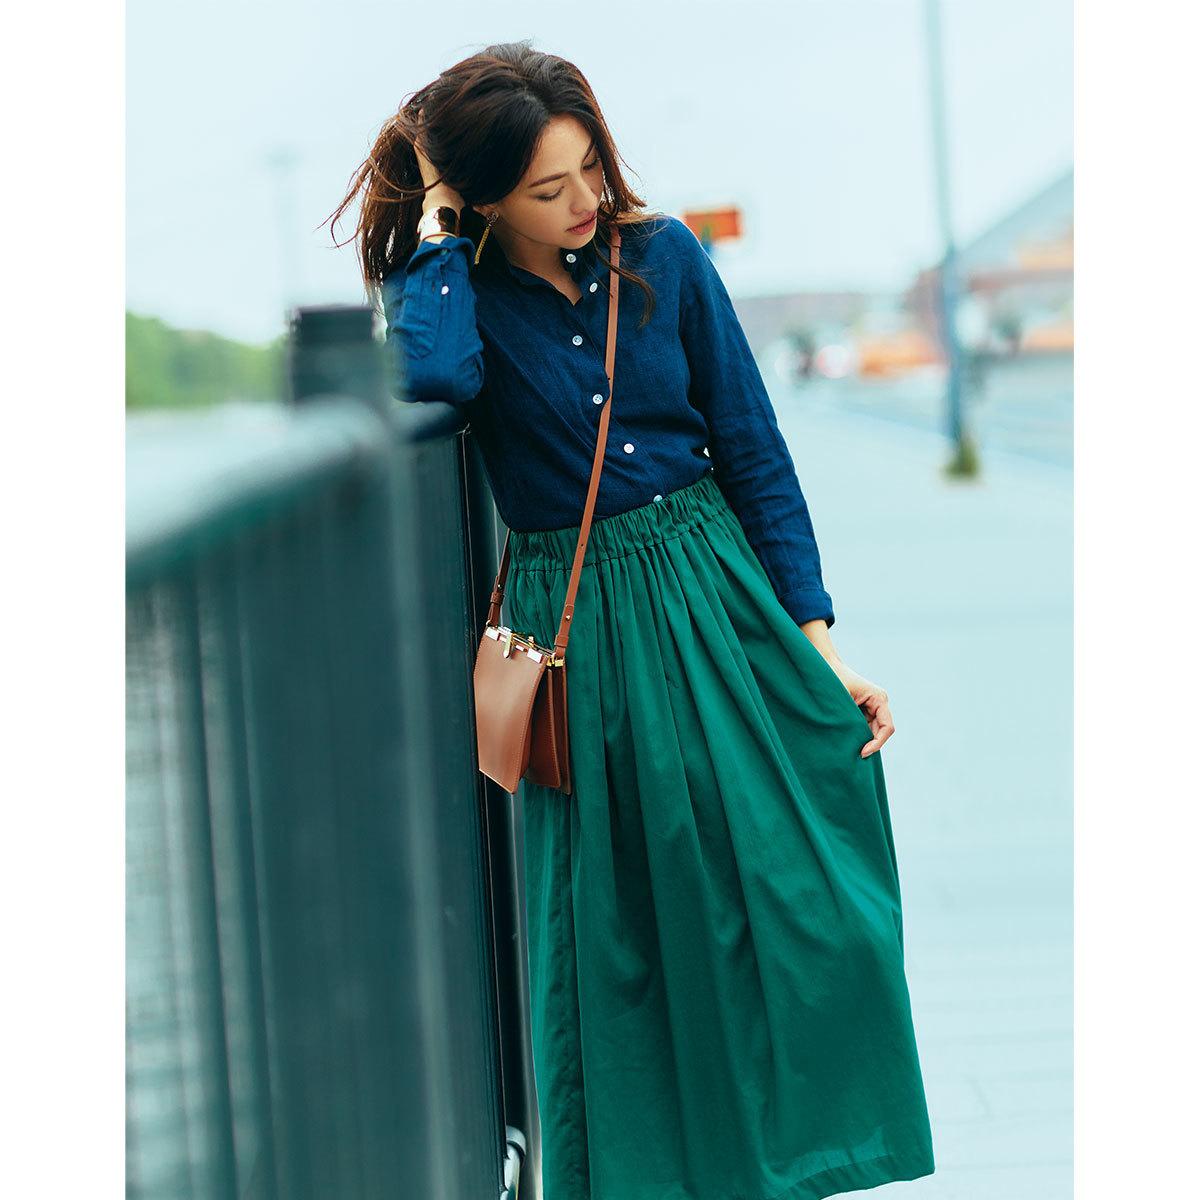 シャツ×グリーンのミディ丈スカートコーデ